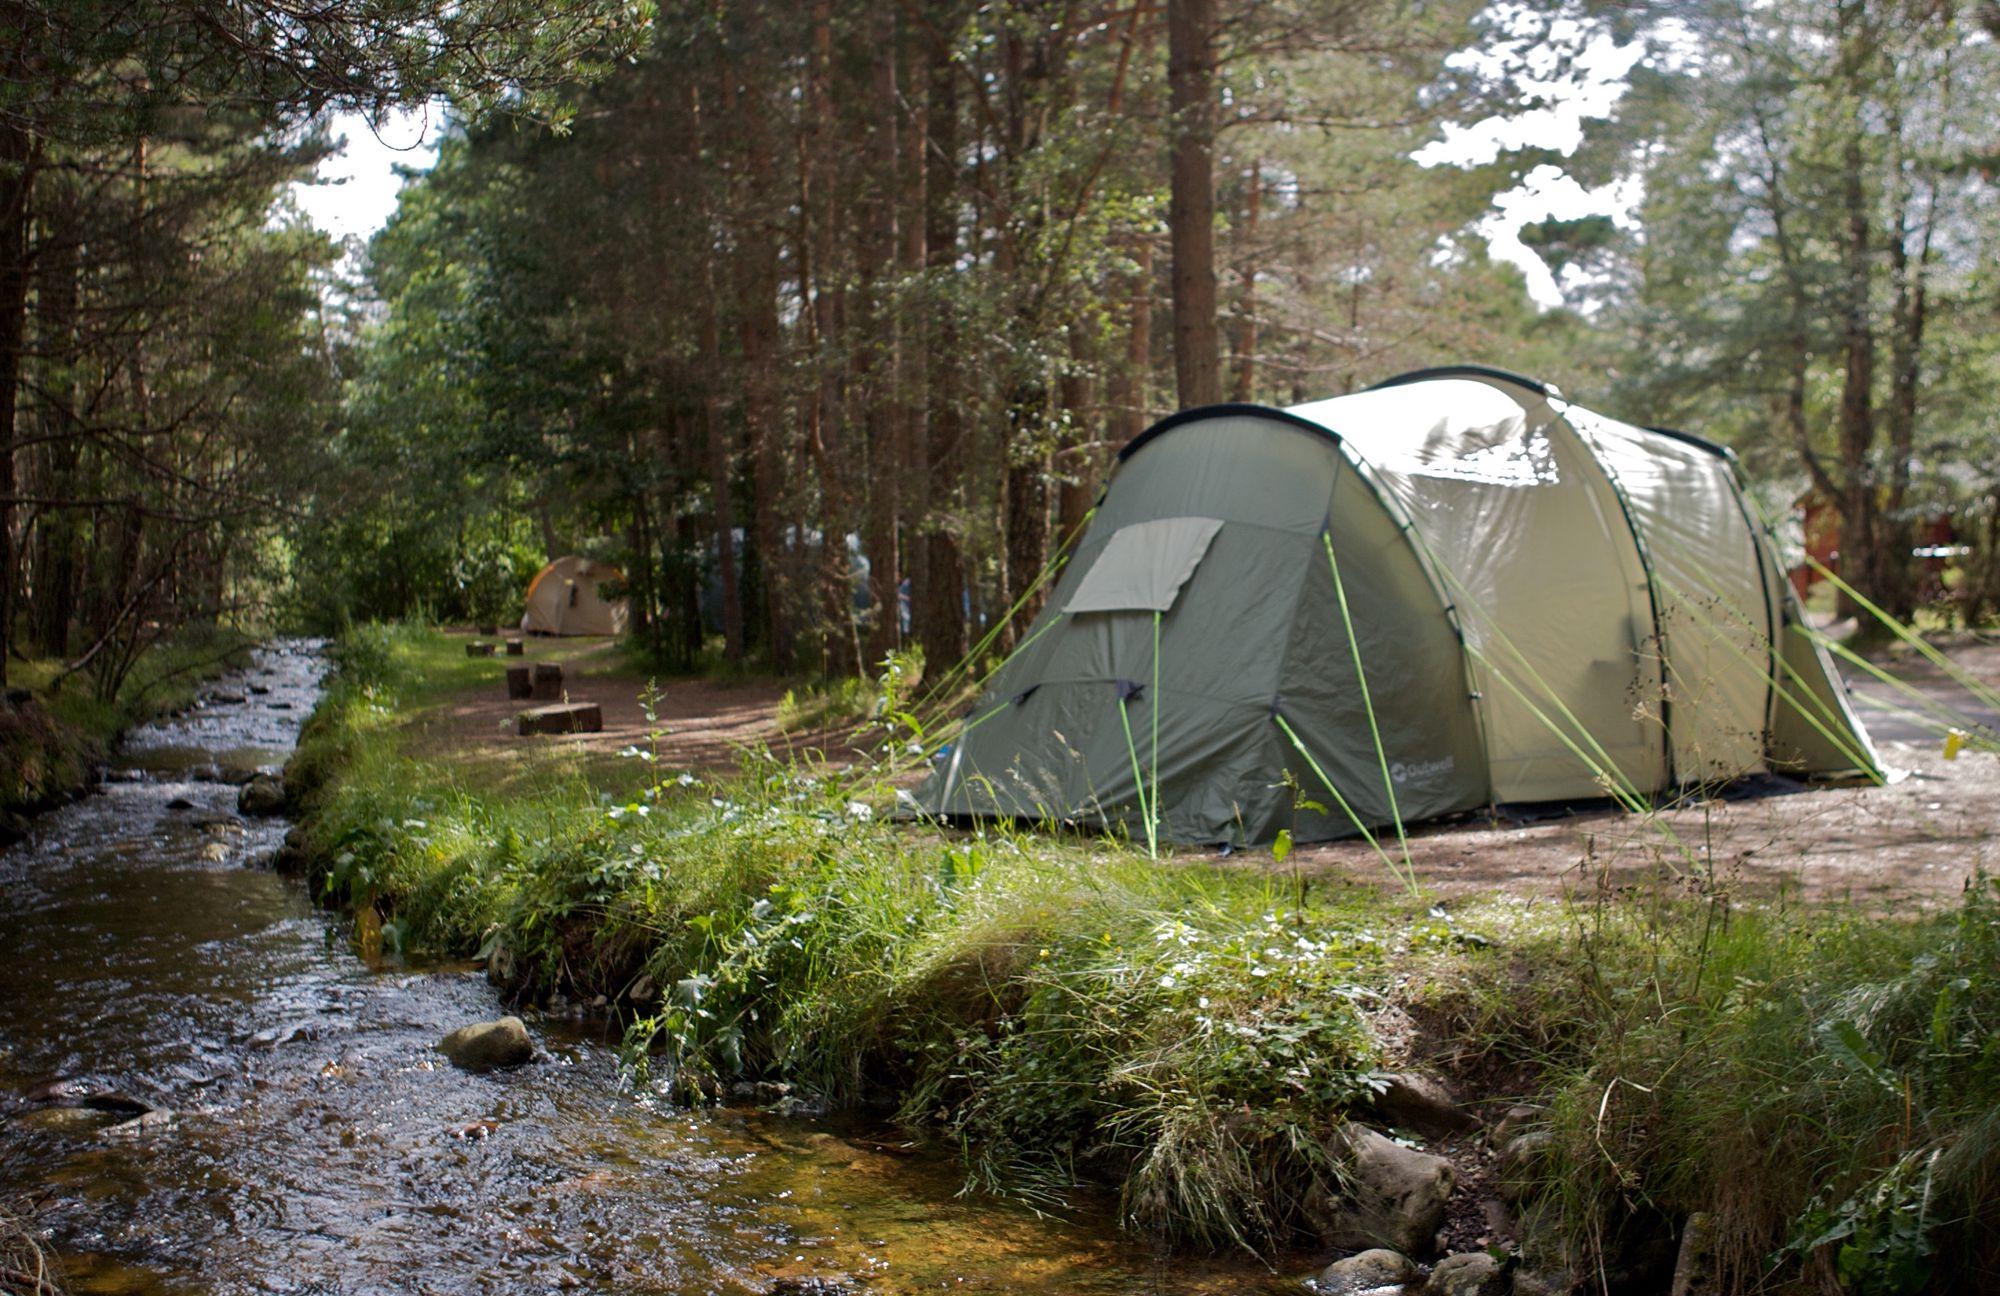 The Best Riverside Campsites In Scotland